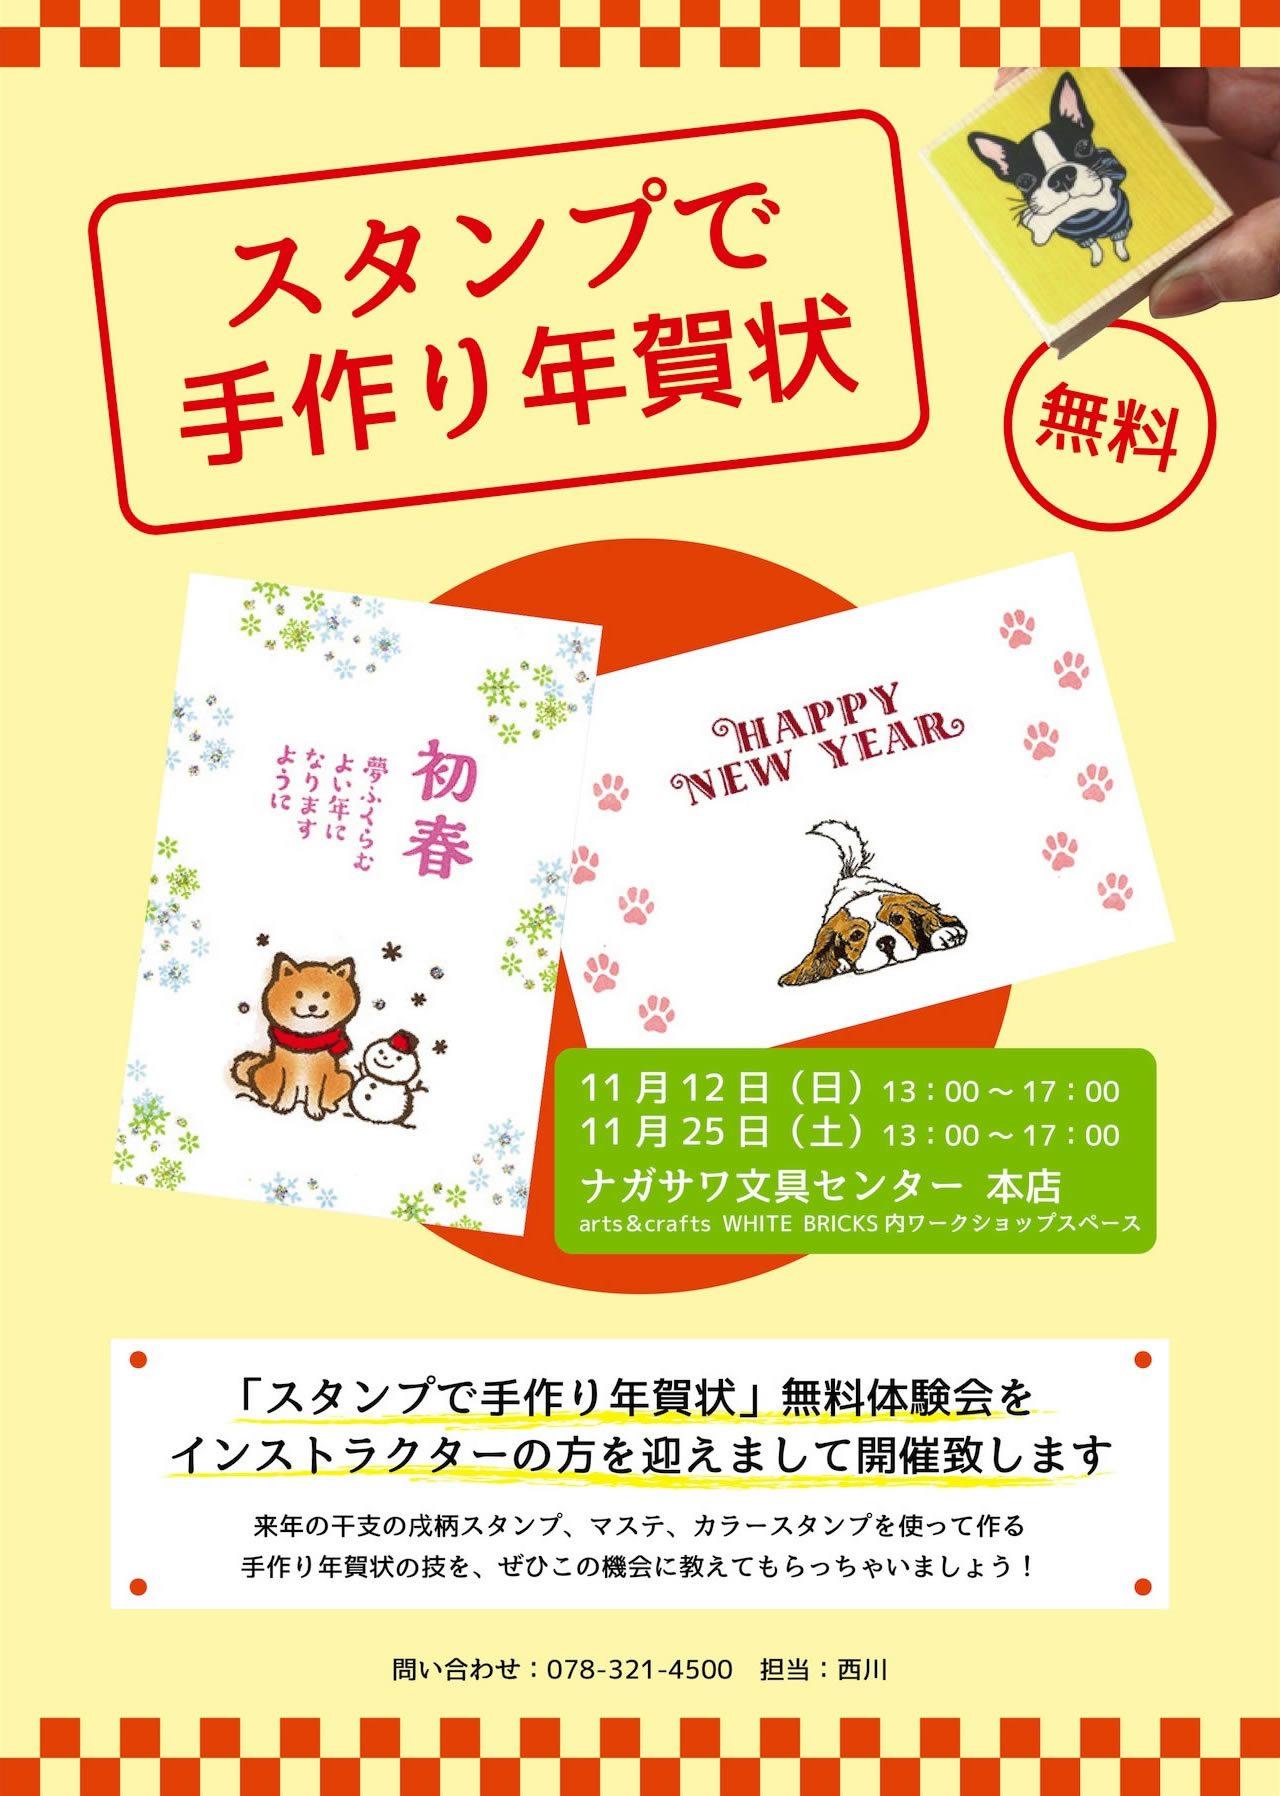 かわいい戌柄スタンプで「手作り年賀状」を作成しませんか?無料体験会開催!|神戸三宮